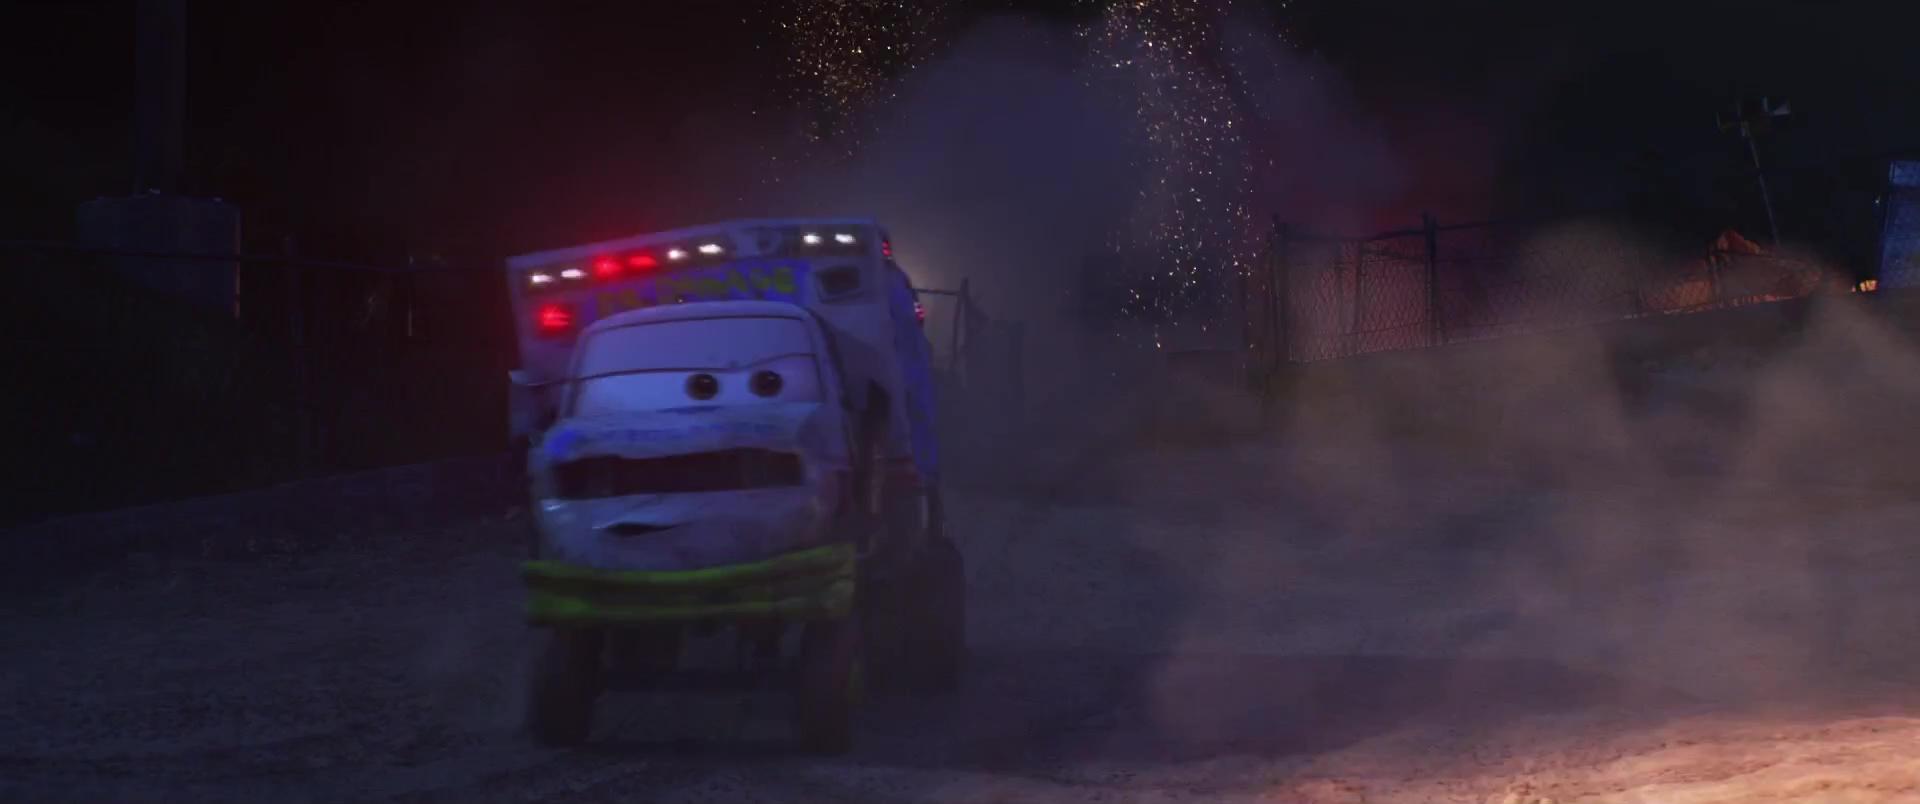 docteur damage personnage dans cars 3 pixar planet fr. Black Bedroom Furniture Sets. Home Design Ideas